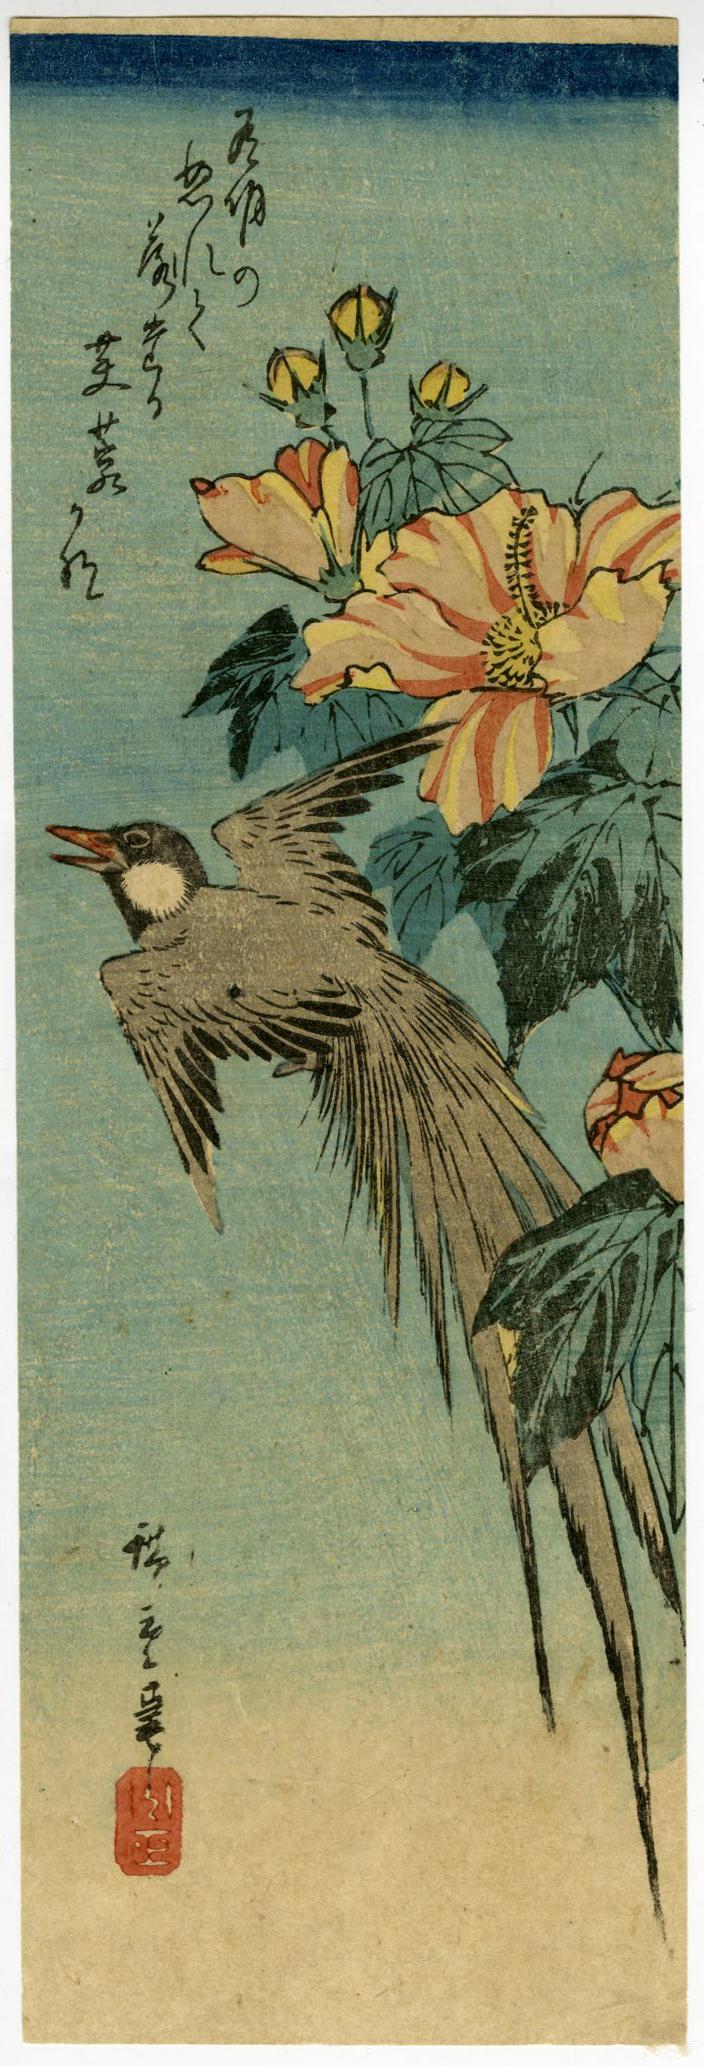 歌川広重「芙蓉に鳥」(部分)